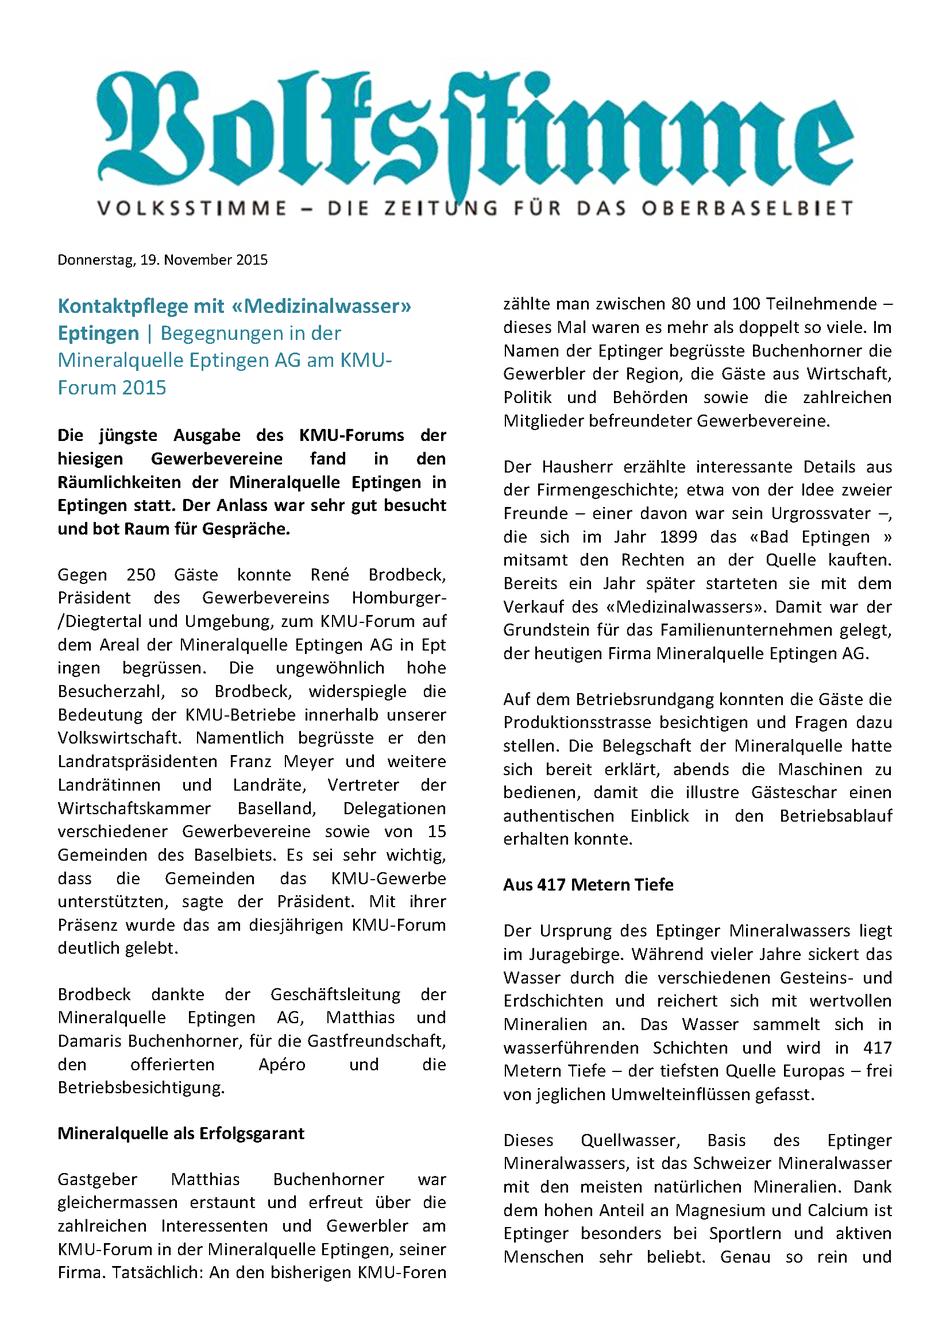 Artikel in der Volksstimme über Mineralquelle Eptingen AG